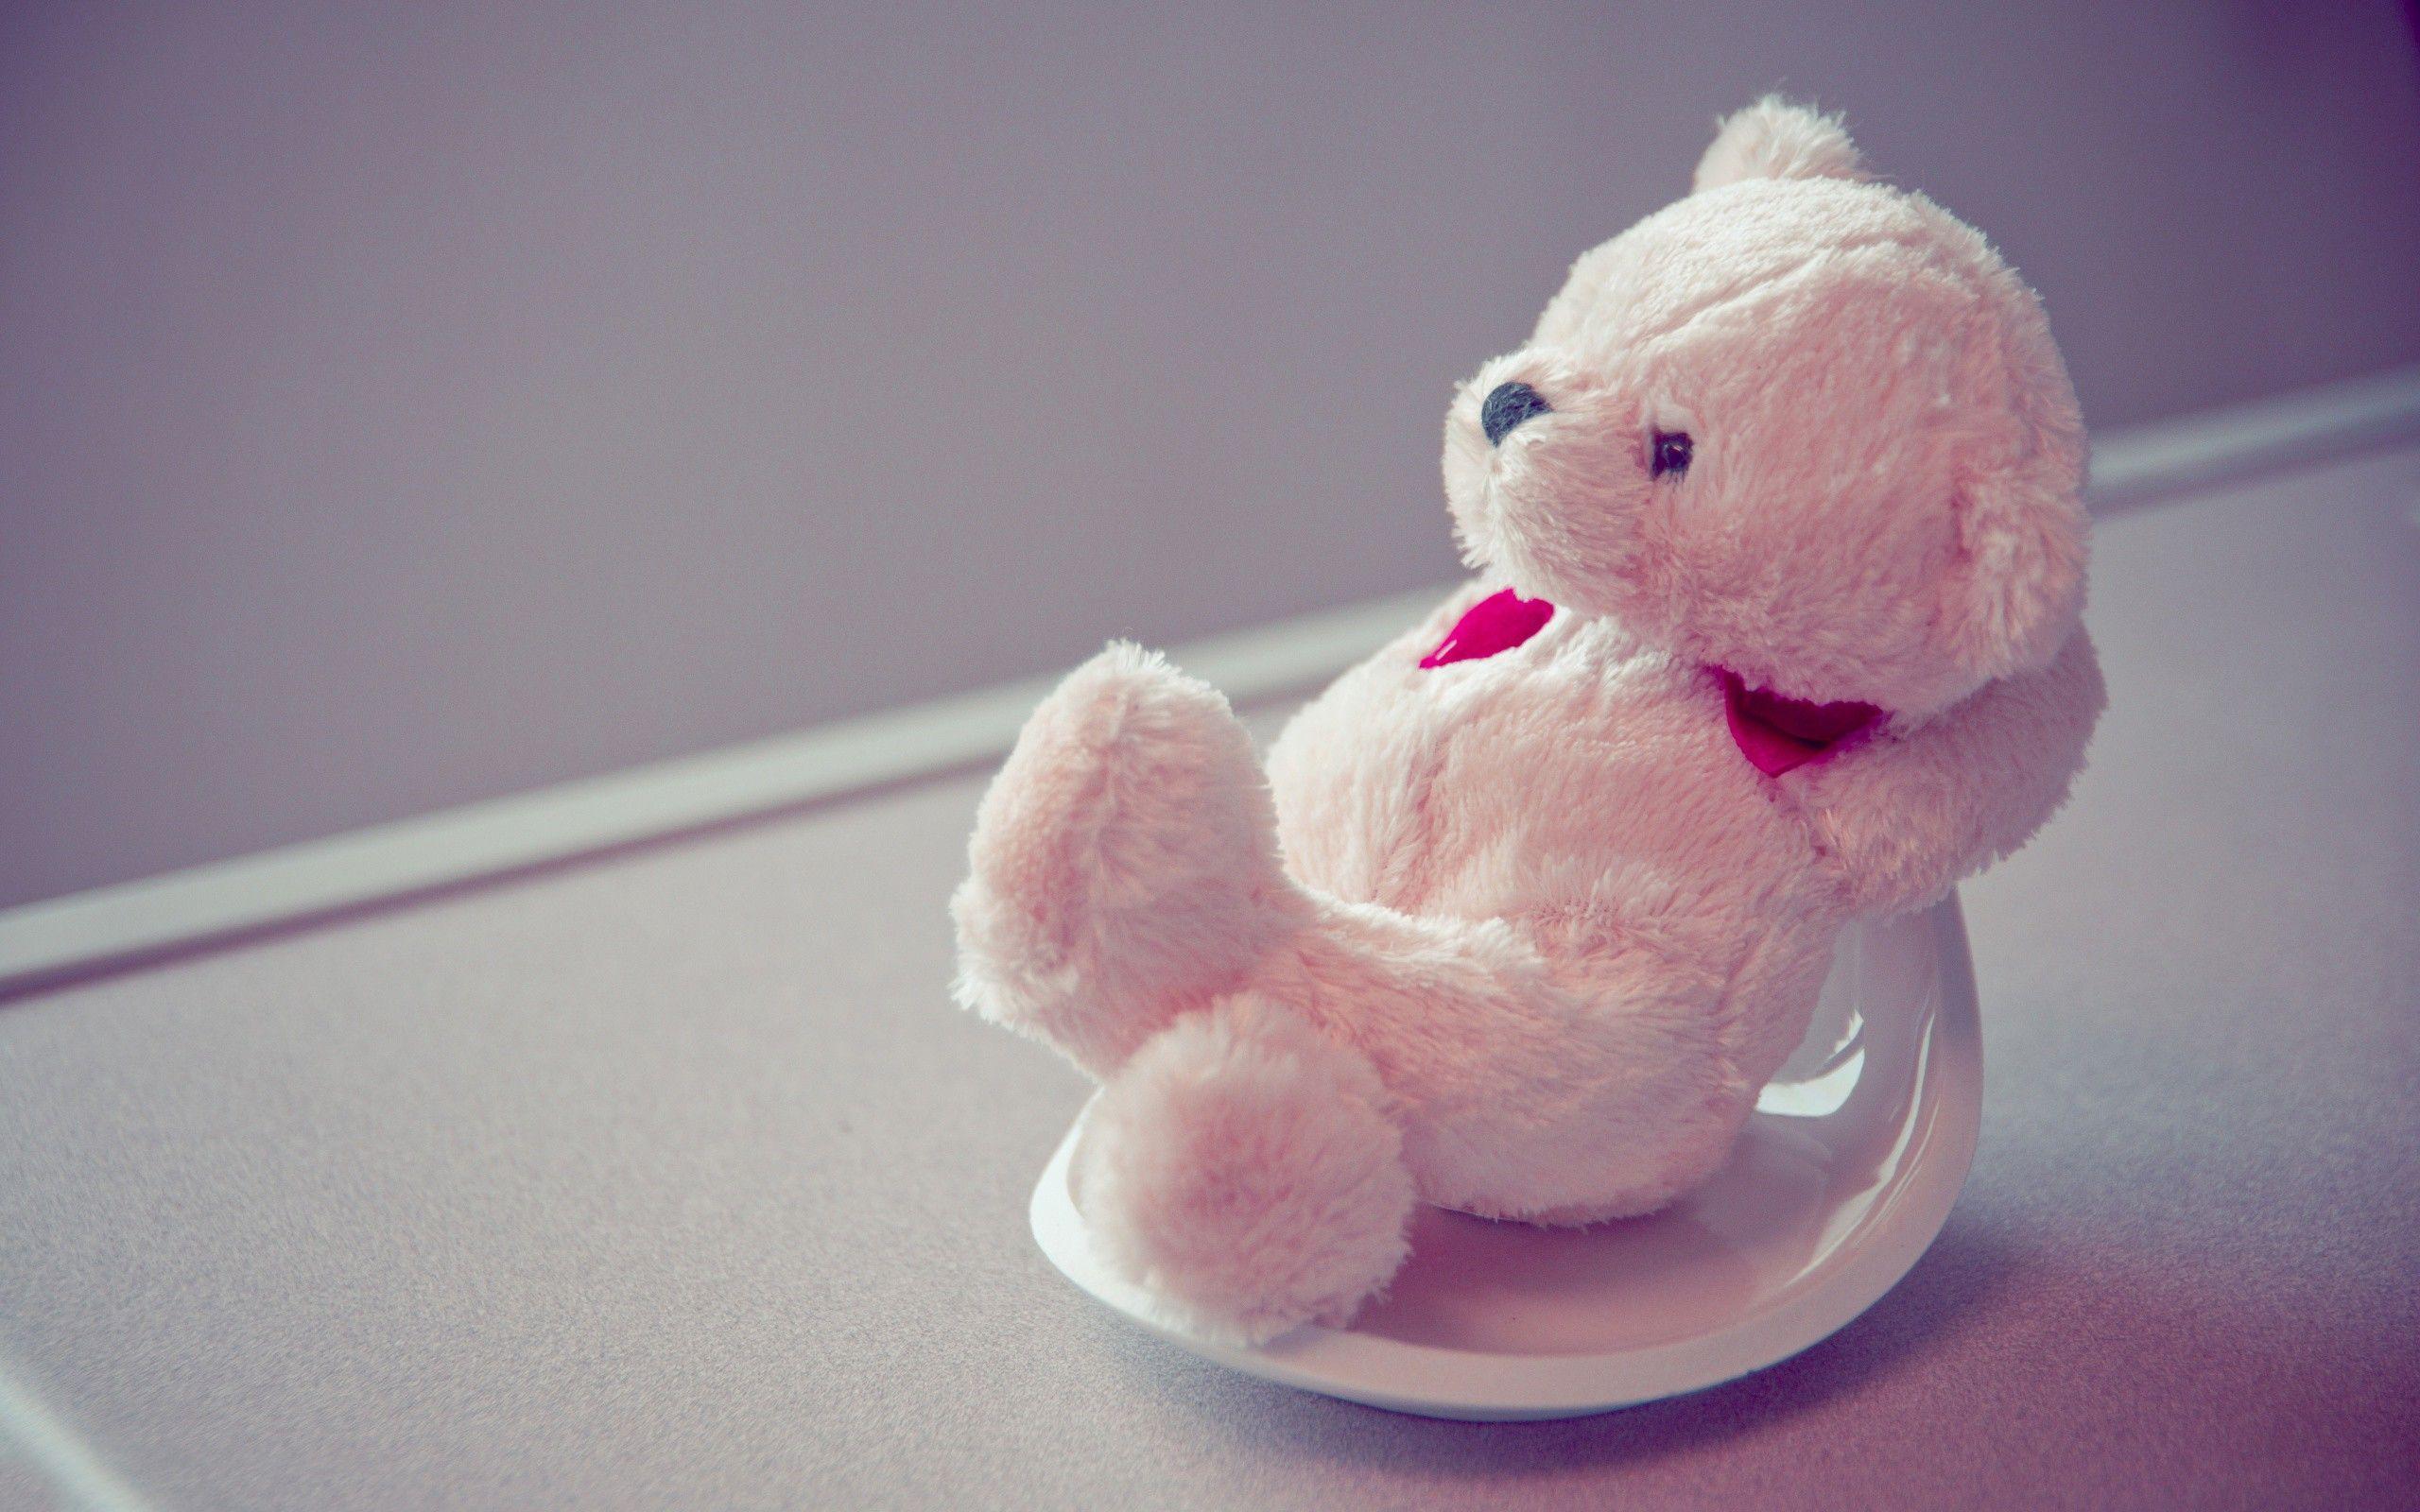 Cute Teddy Bear Wallpapers Wallpaper Teddy Bear Wallpaper Teddy Bear Images Teddy Bear Pictures